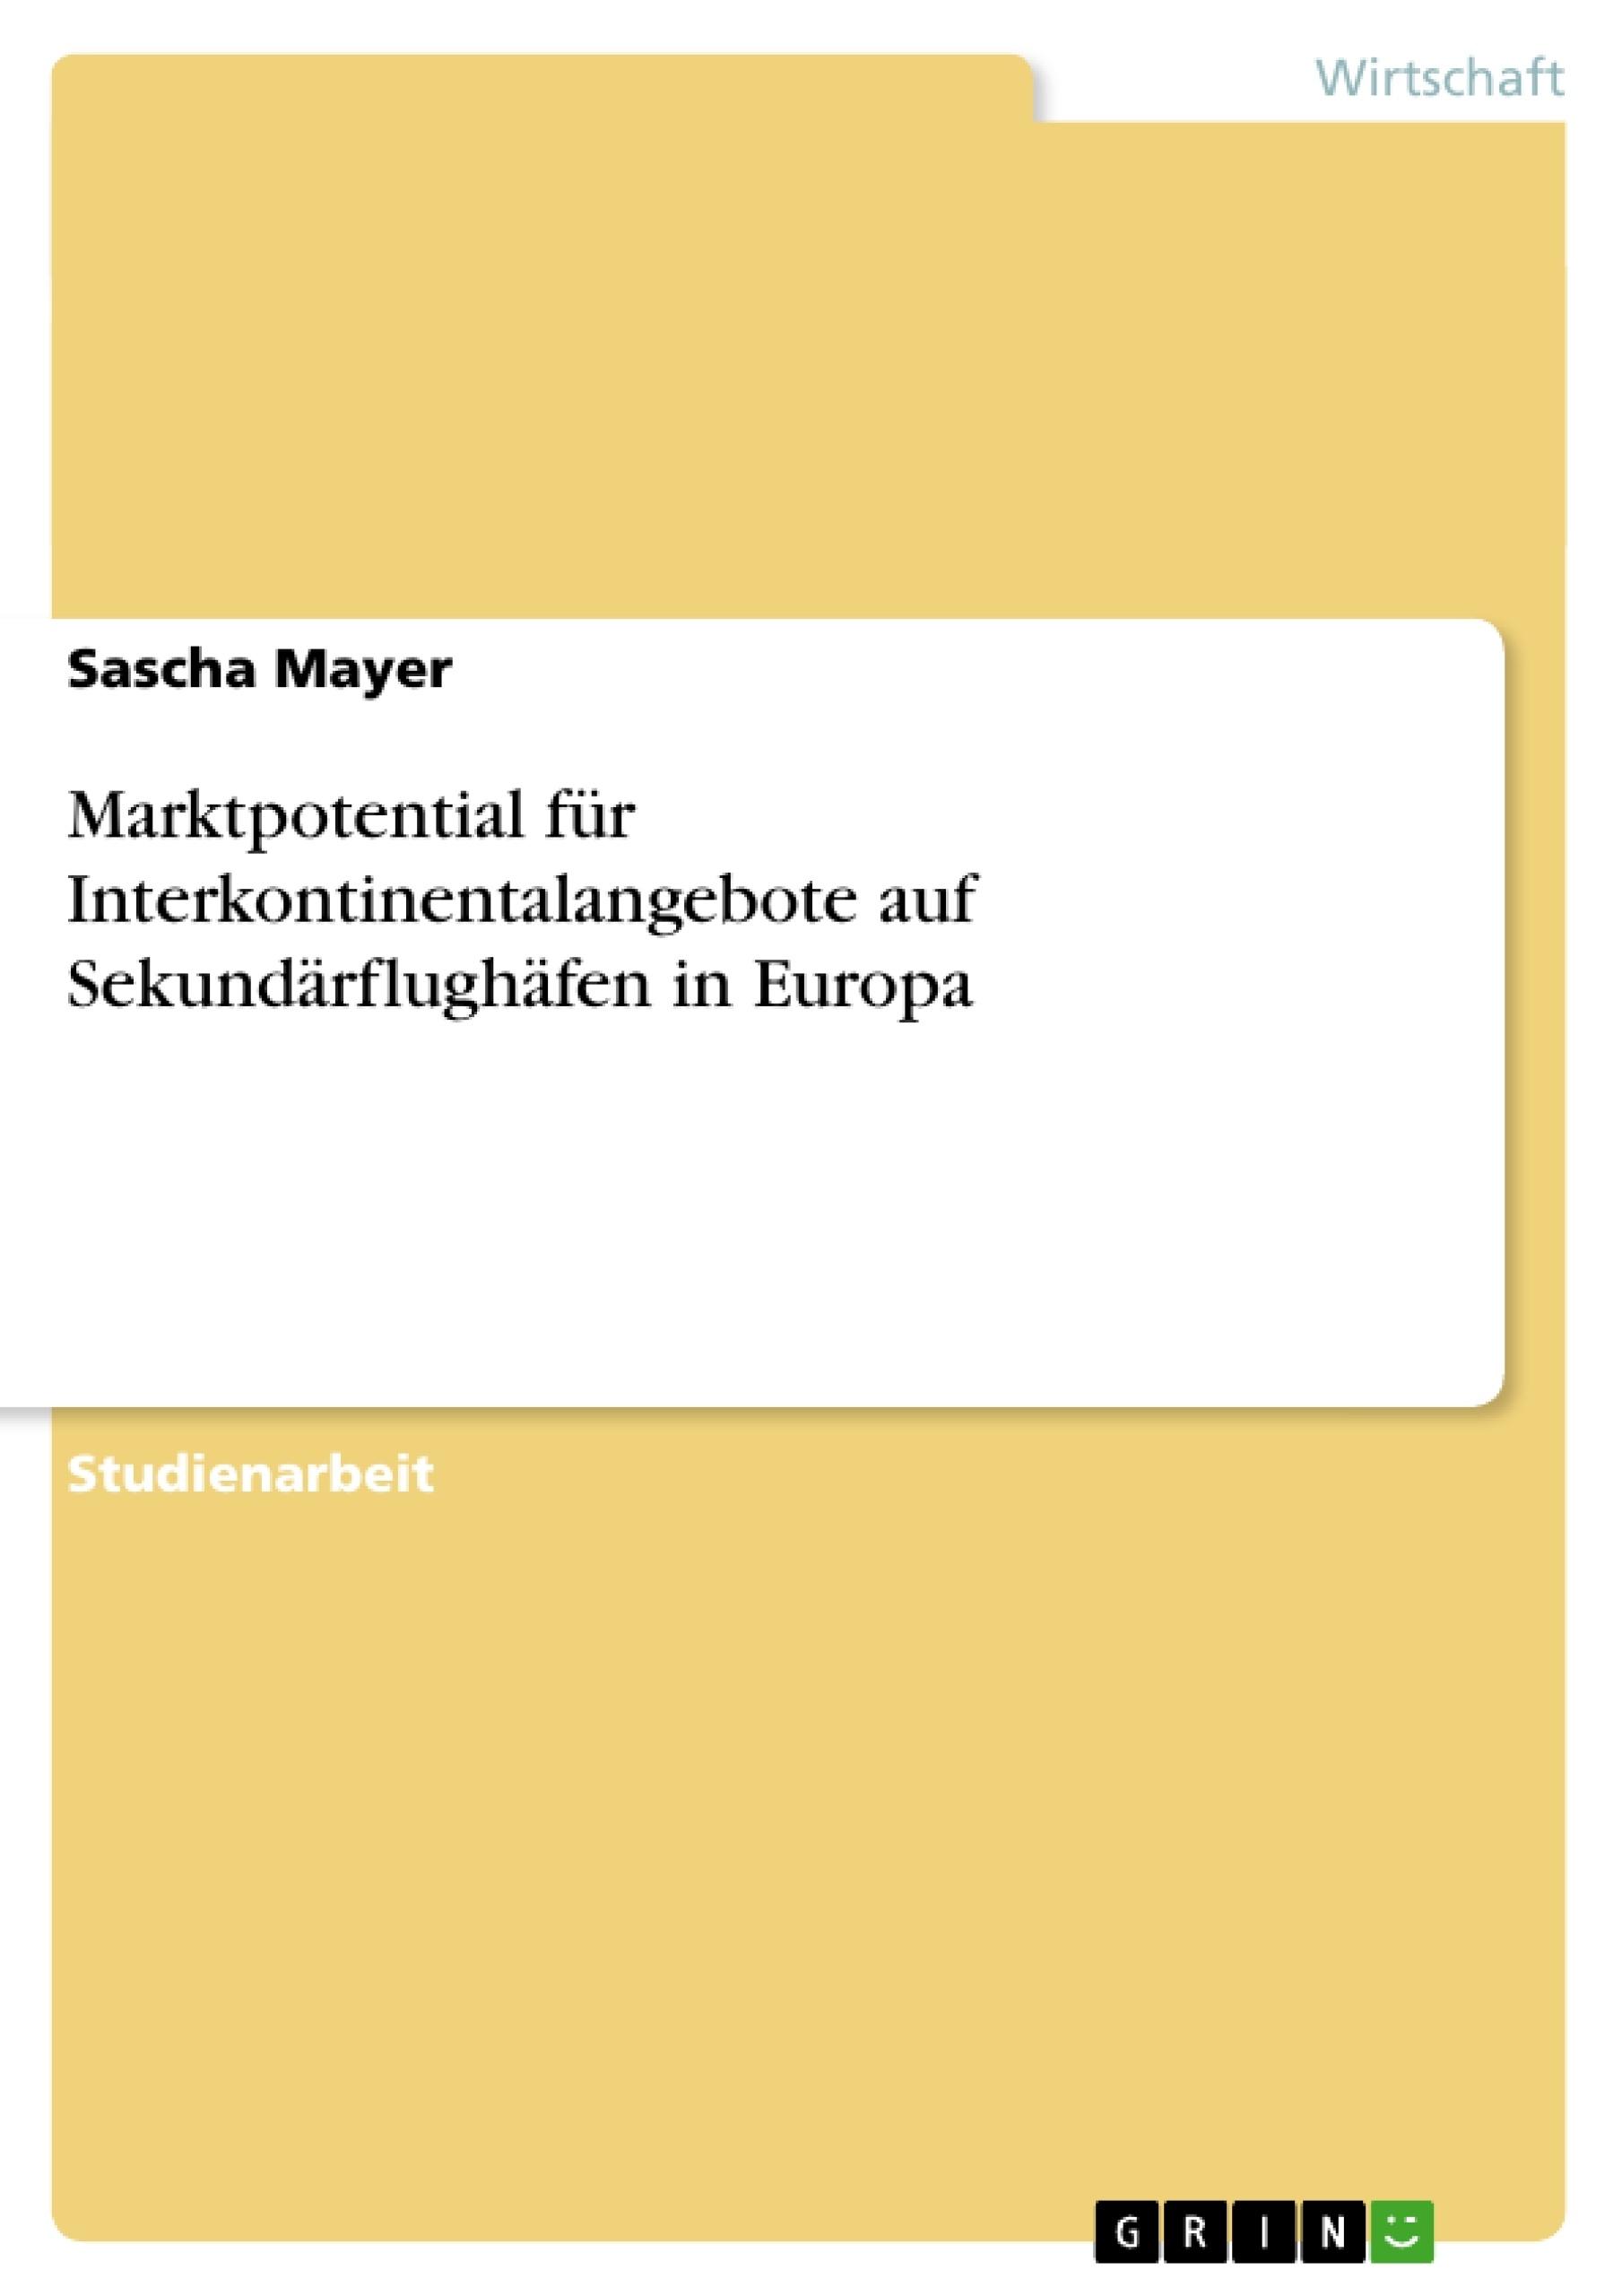 Titel: Marktpotential für Interkontinentalangebote auf Sekundärflughäfen in Europa